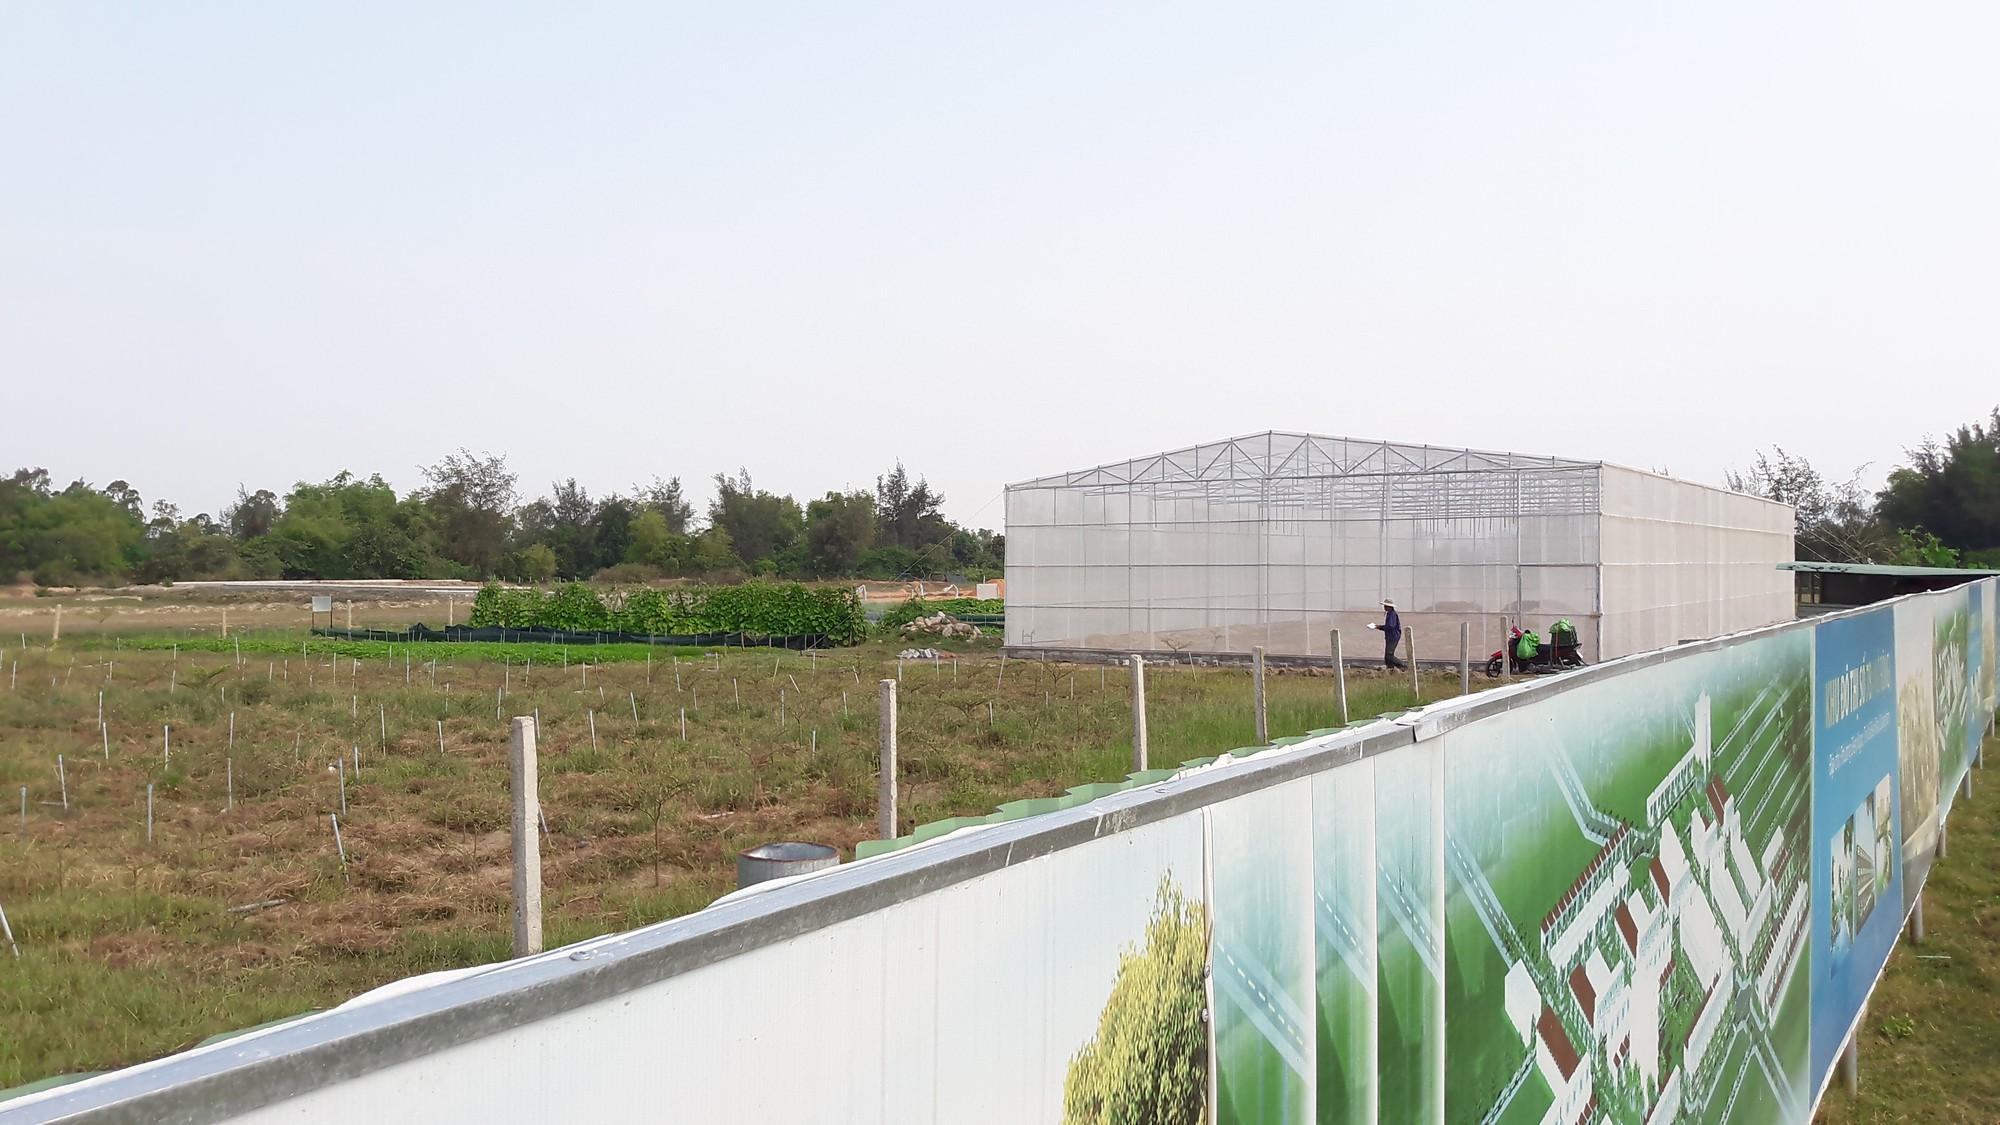 Cận cảnh khu đất của công ty Bách Đạt An ở Quảng Nam mà người dân rót tiền tỉ mua, lòng như lửa đốt đòi sổ đỏ - Ảnh 9.